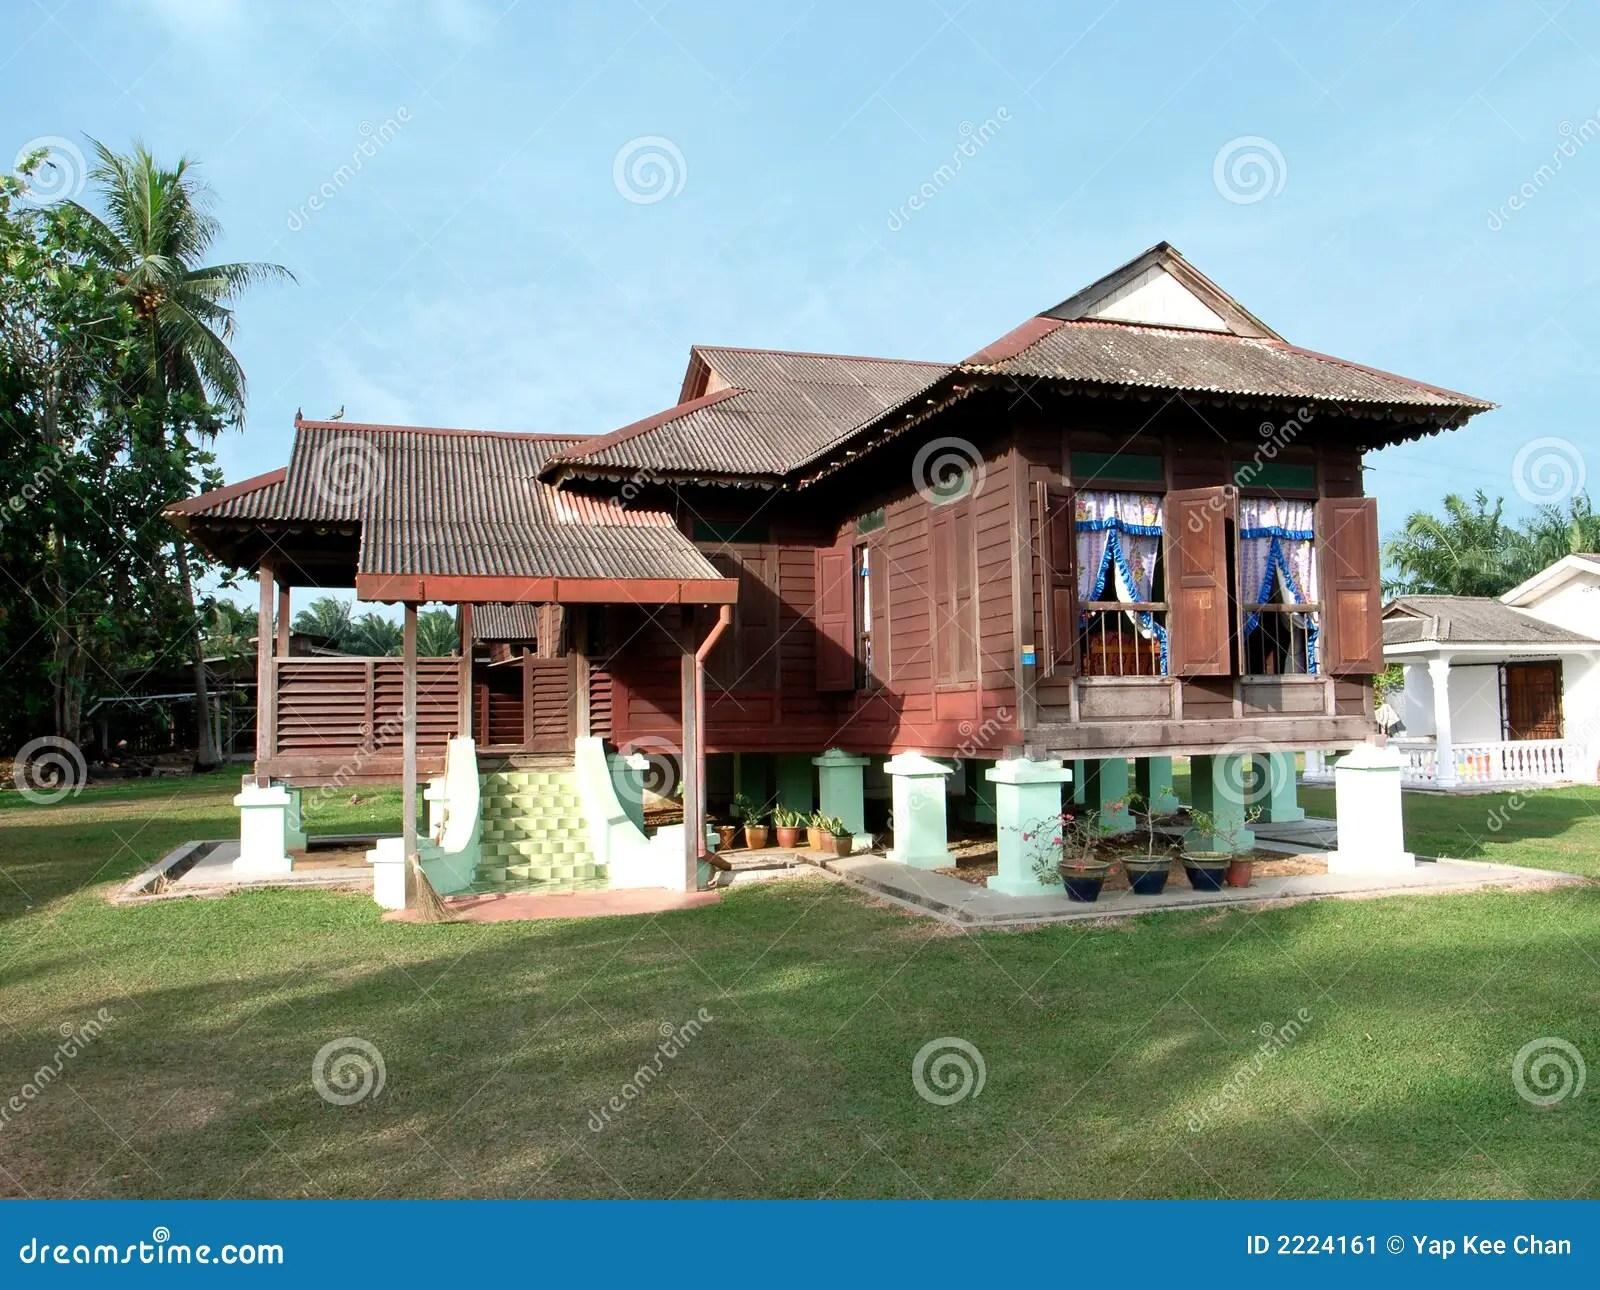 Kampung House Stock Image  Image 2224161